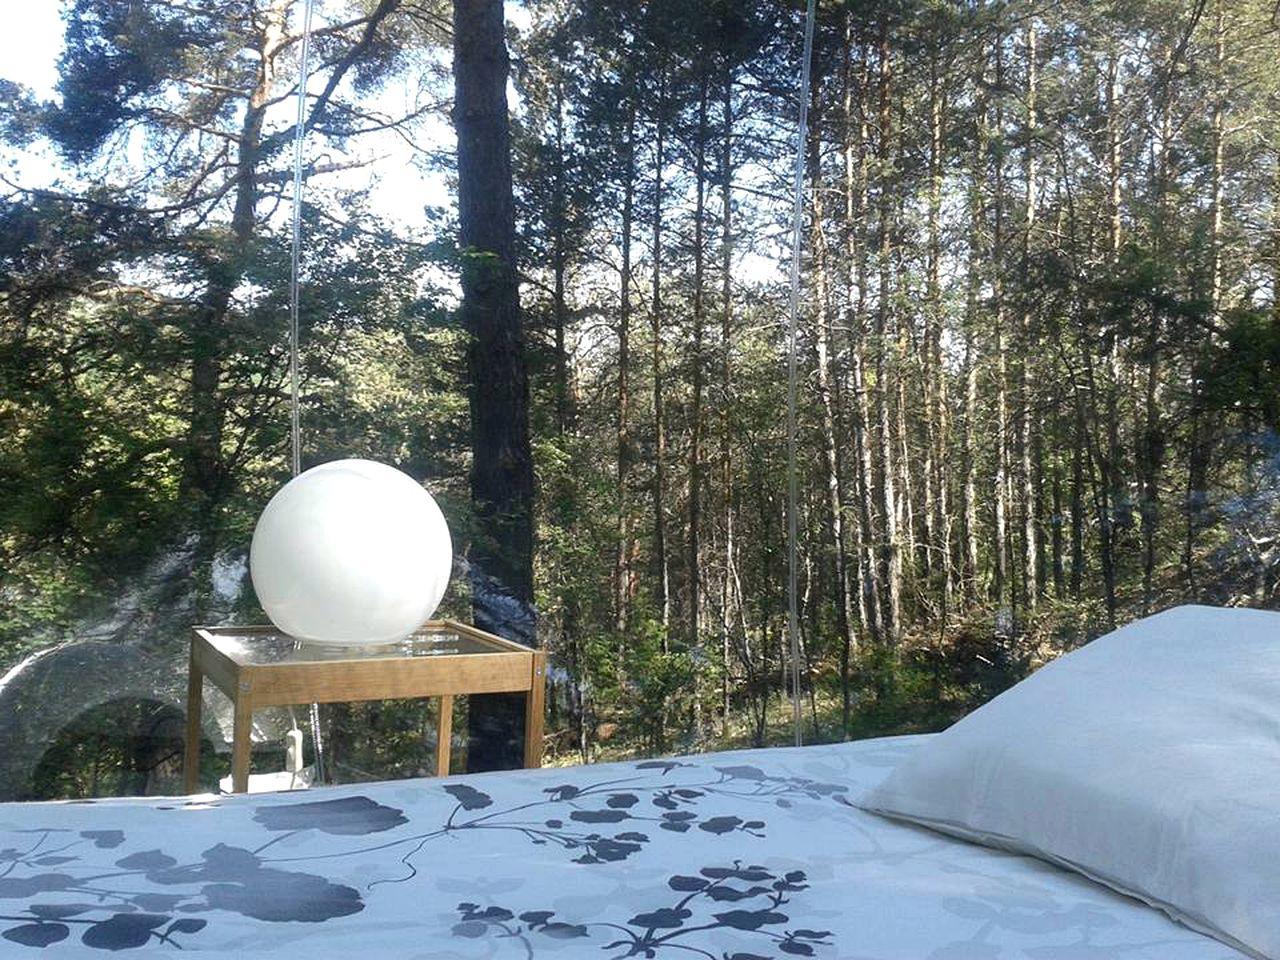 Bubbles & Domes (Beynes, Provence-Alpes-Côte d'Azur, France)